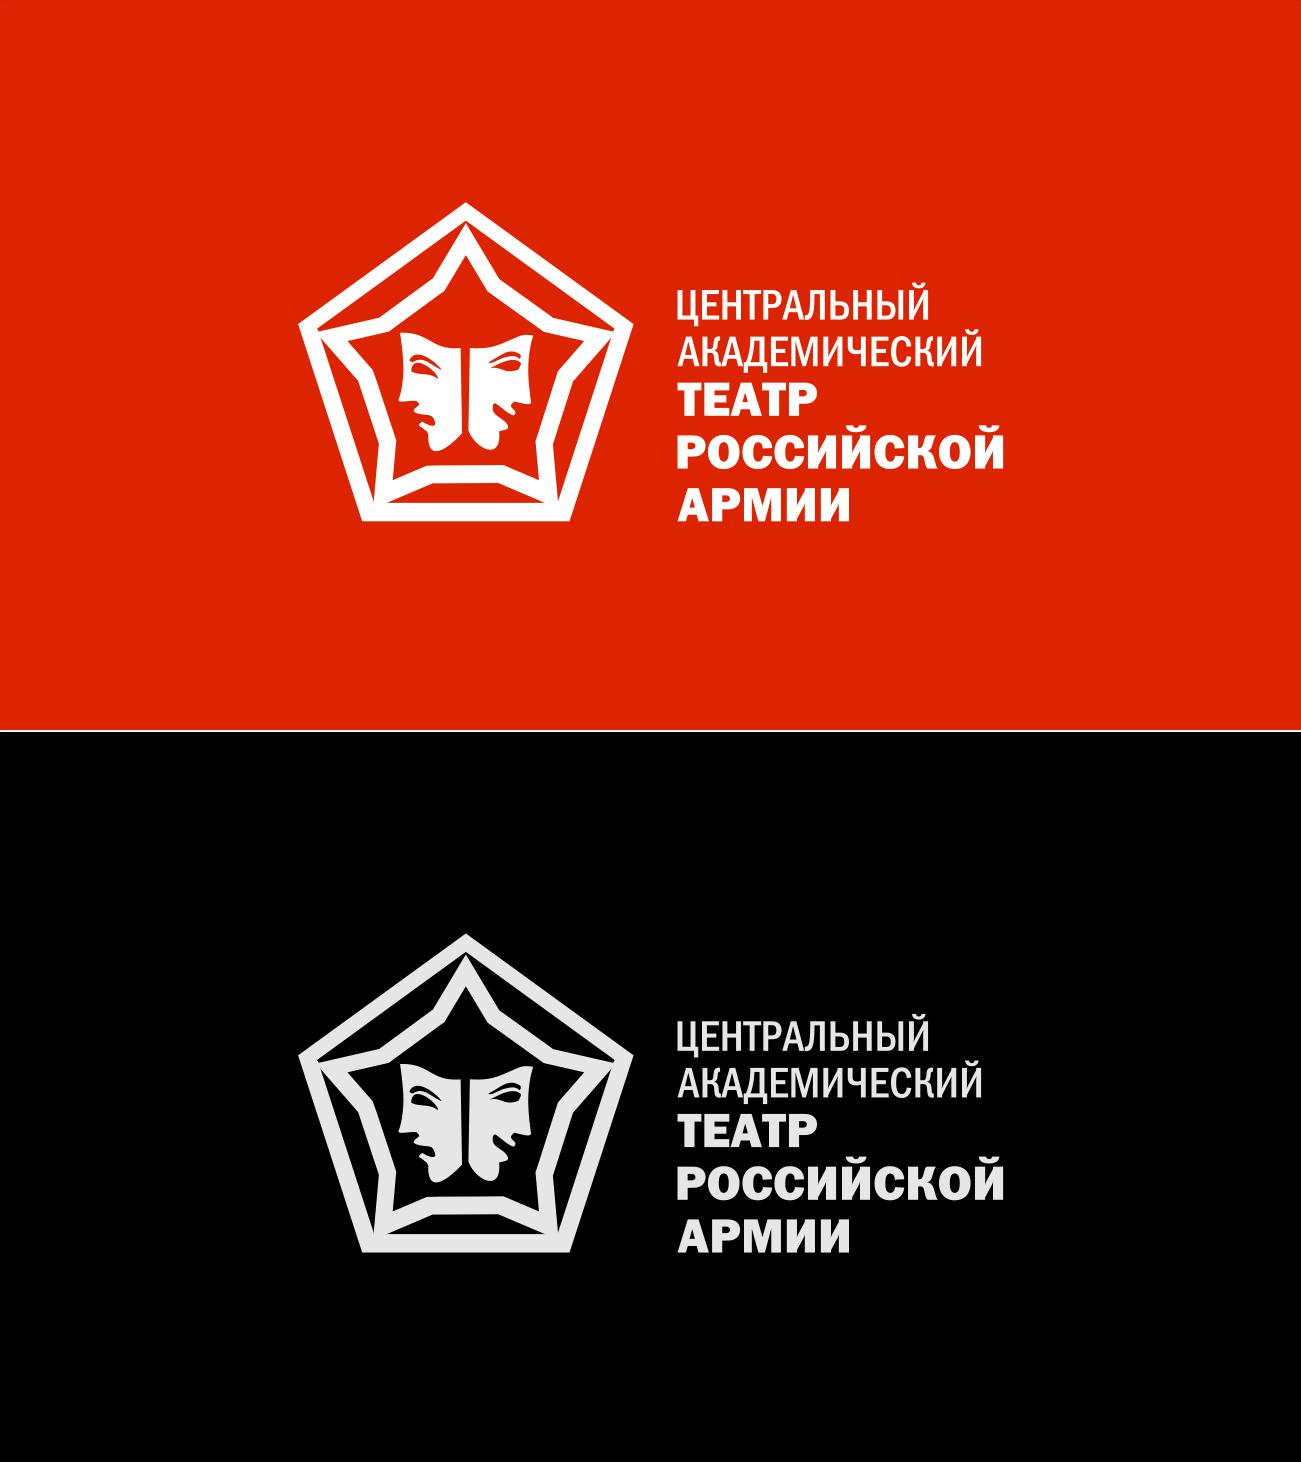 Разработка логотипа для Театра Российской Армии фото f_8435880e8cdc895a.png